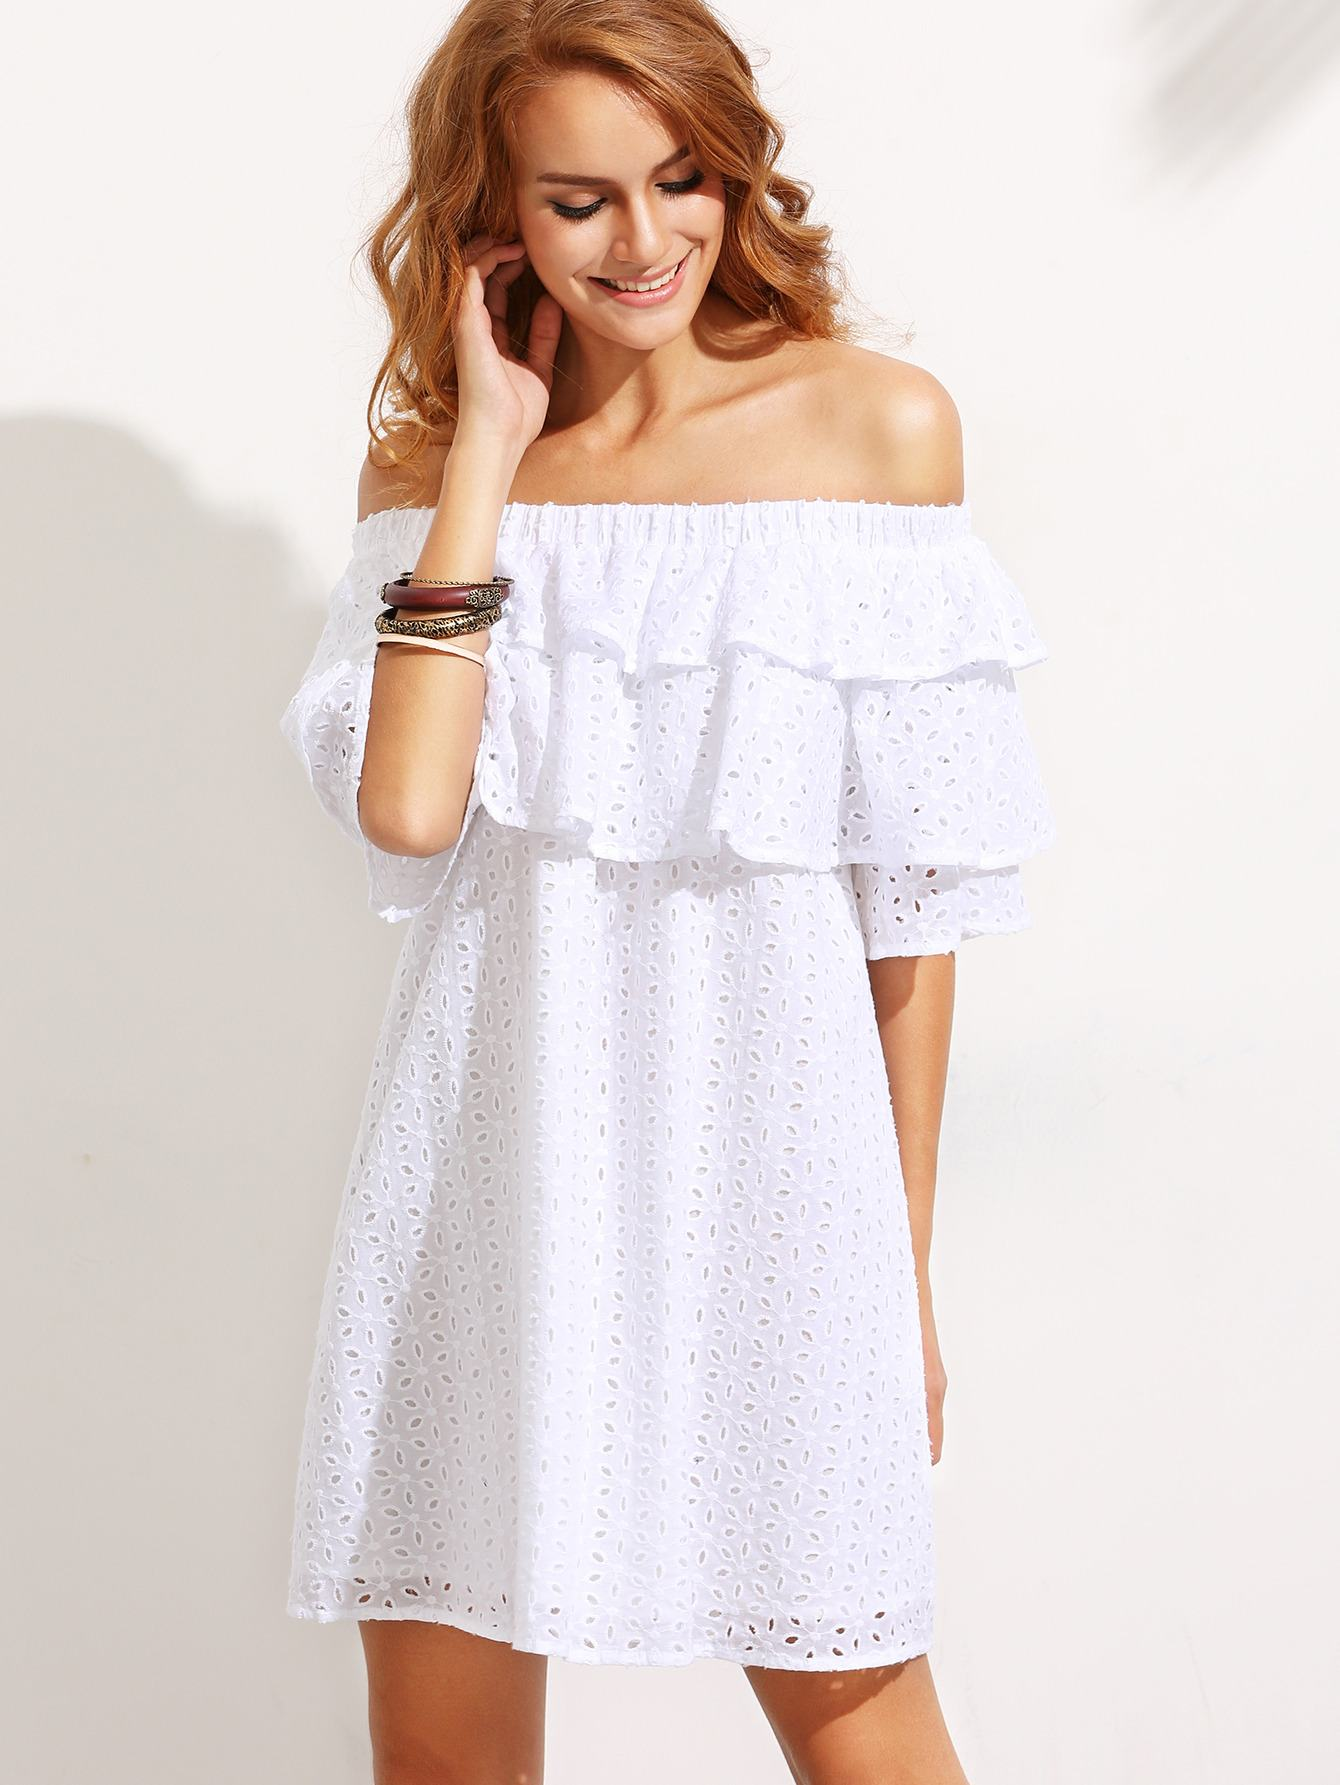 8d778548521 Блузы и платья с открытыми плечами создают романтичный образ милой и нежной  барышни. Позволить себе подобные наряды может любая женщина